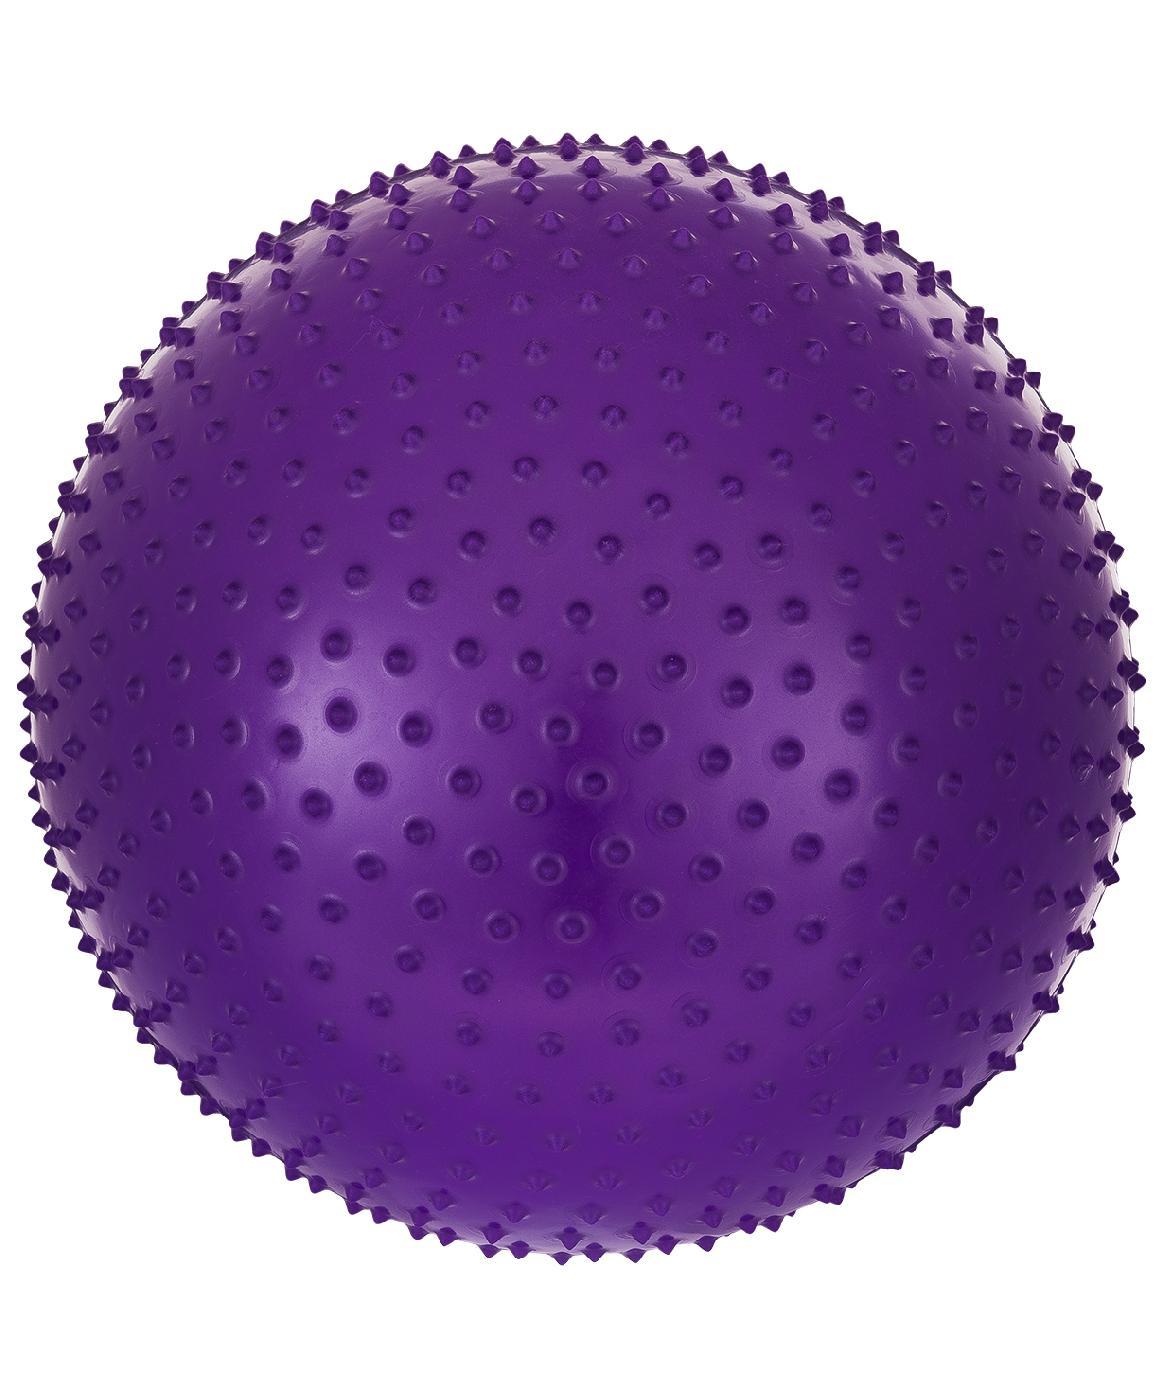 Мяч для фитнеса Starfit Мяч гимнастический массажный GB-301 55 см, антивзрыв, фиолетовый мяч гимнастический starfit антивзрыв gb 101 фиолетовый 85 см